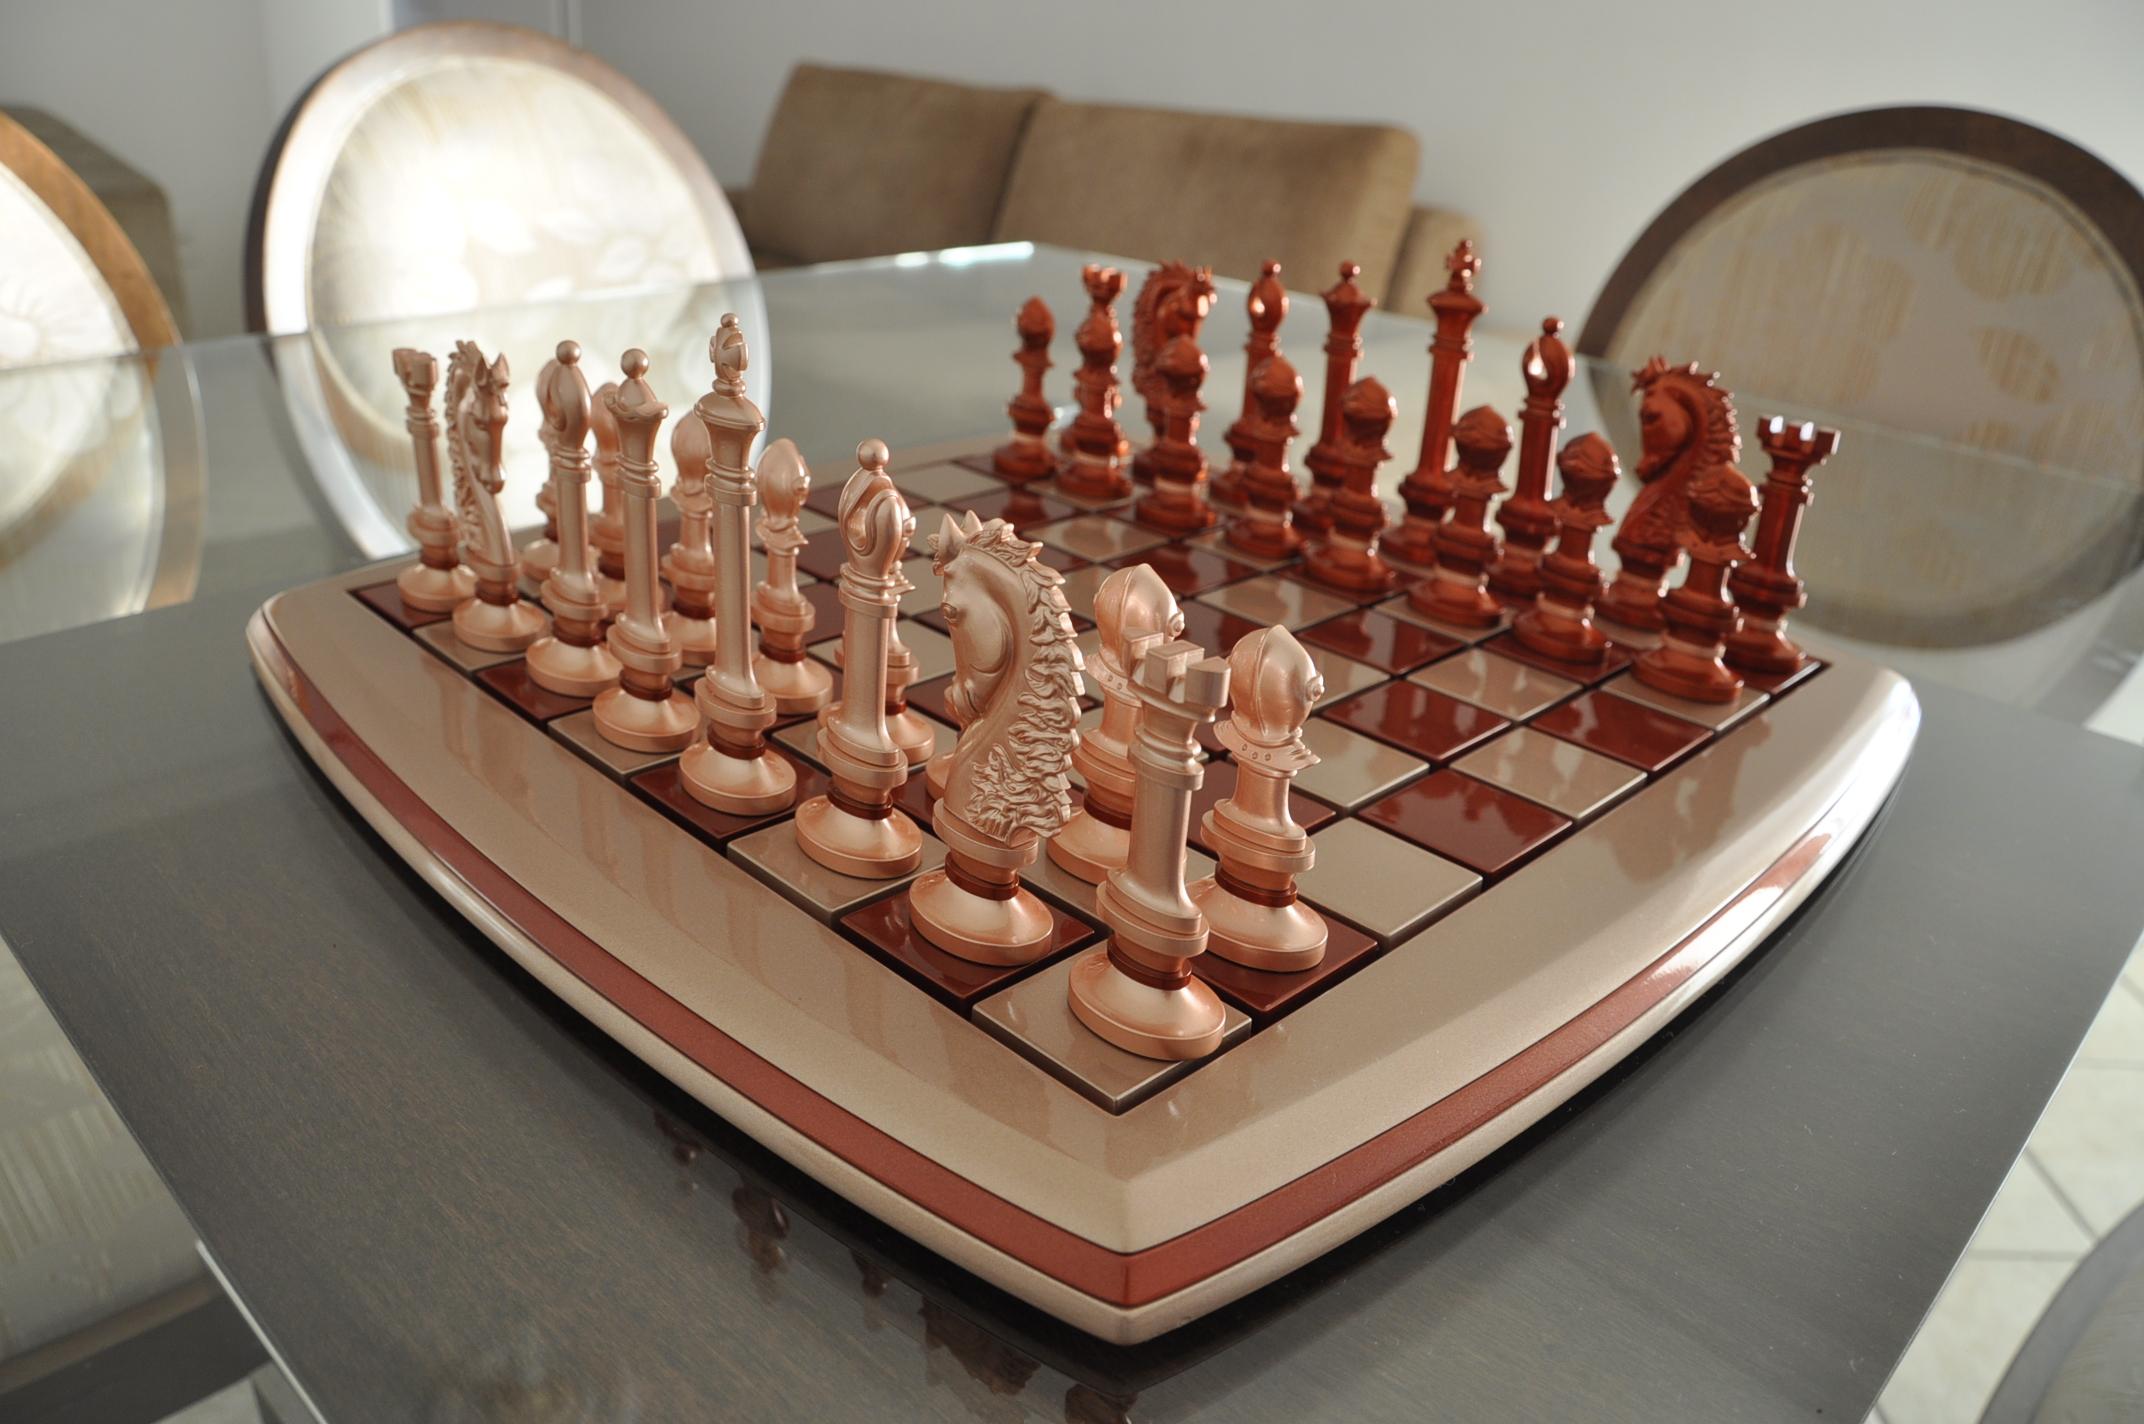 Jogo de xadrez com inovador design em peças e tabuleiro u2013 Matéria Incógnita -> Peças Grandes De Xadrez Para Decoração